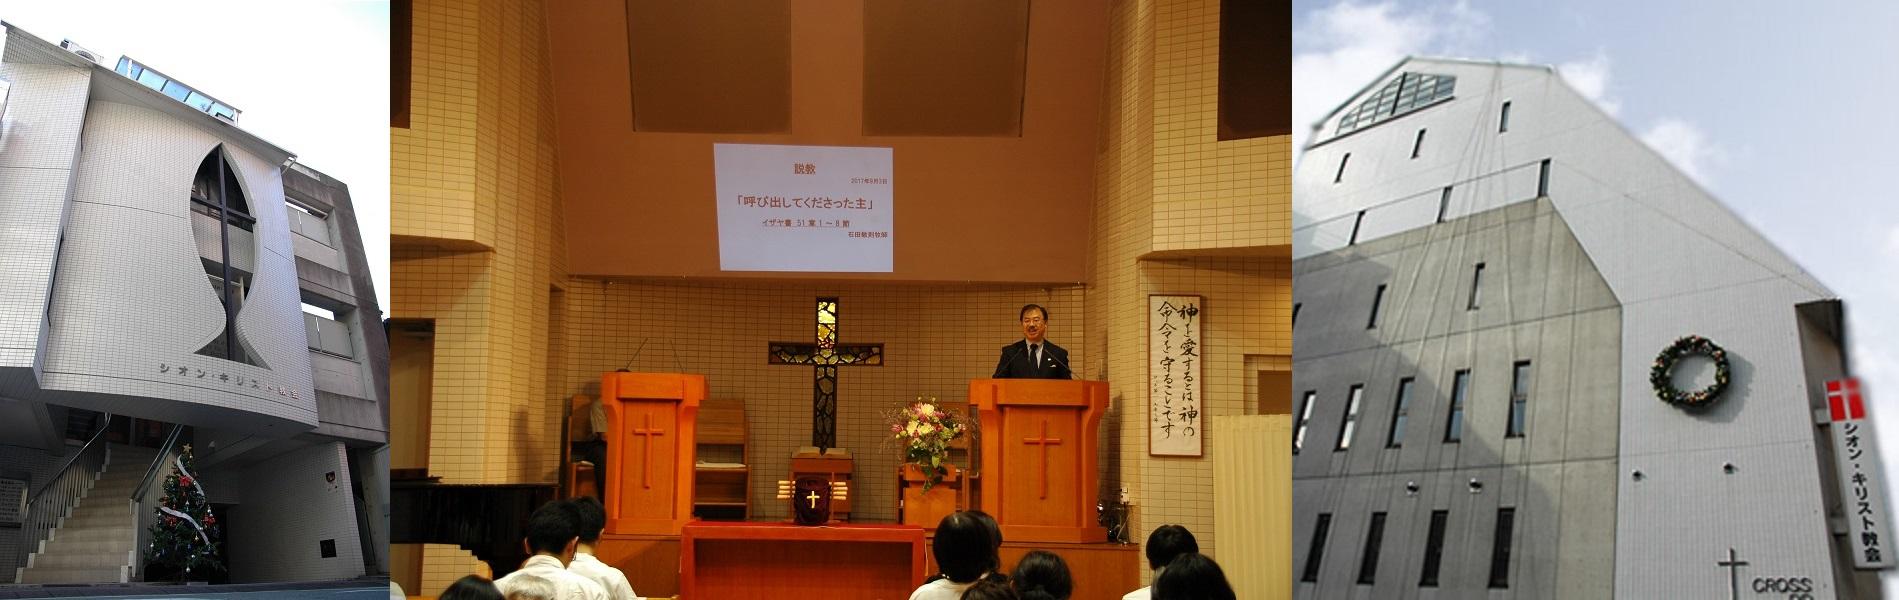 シオン・キリスト教団 蒲田教会